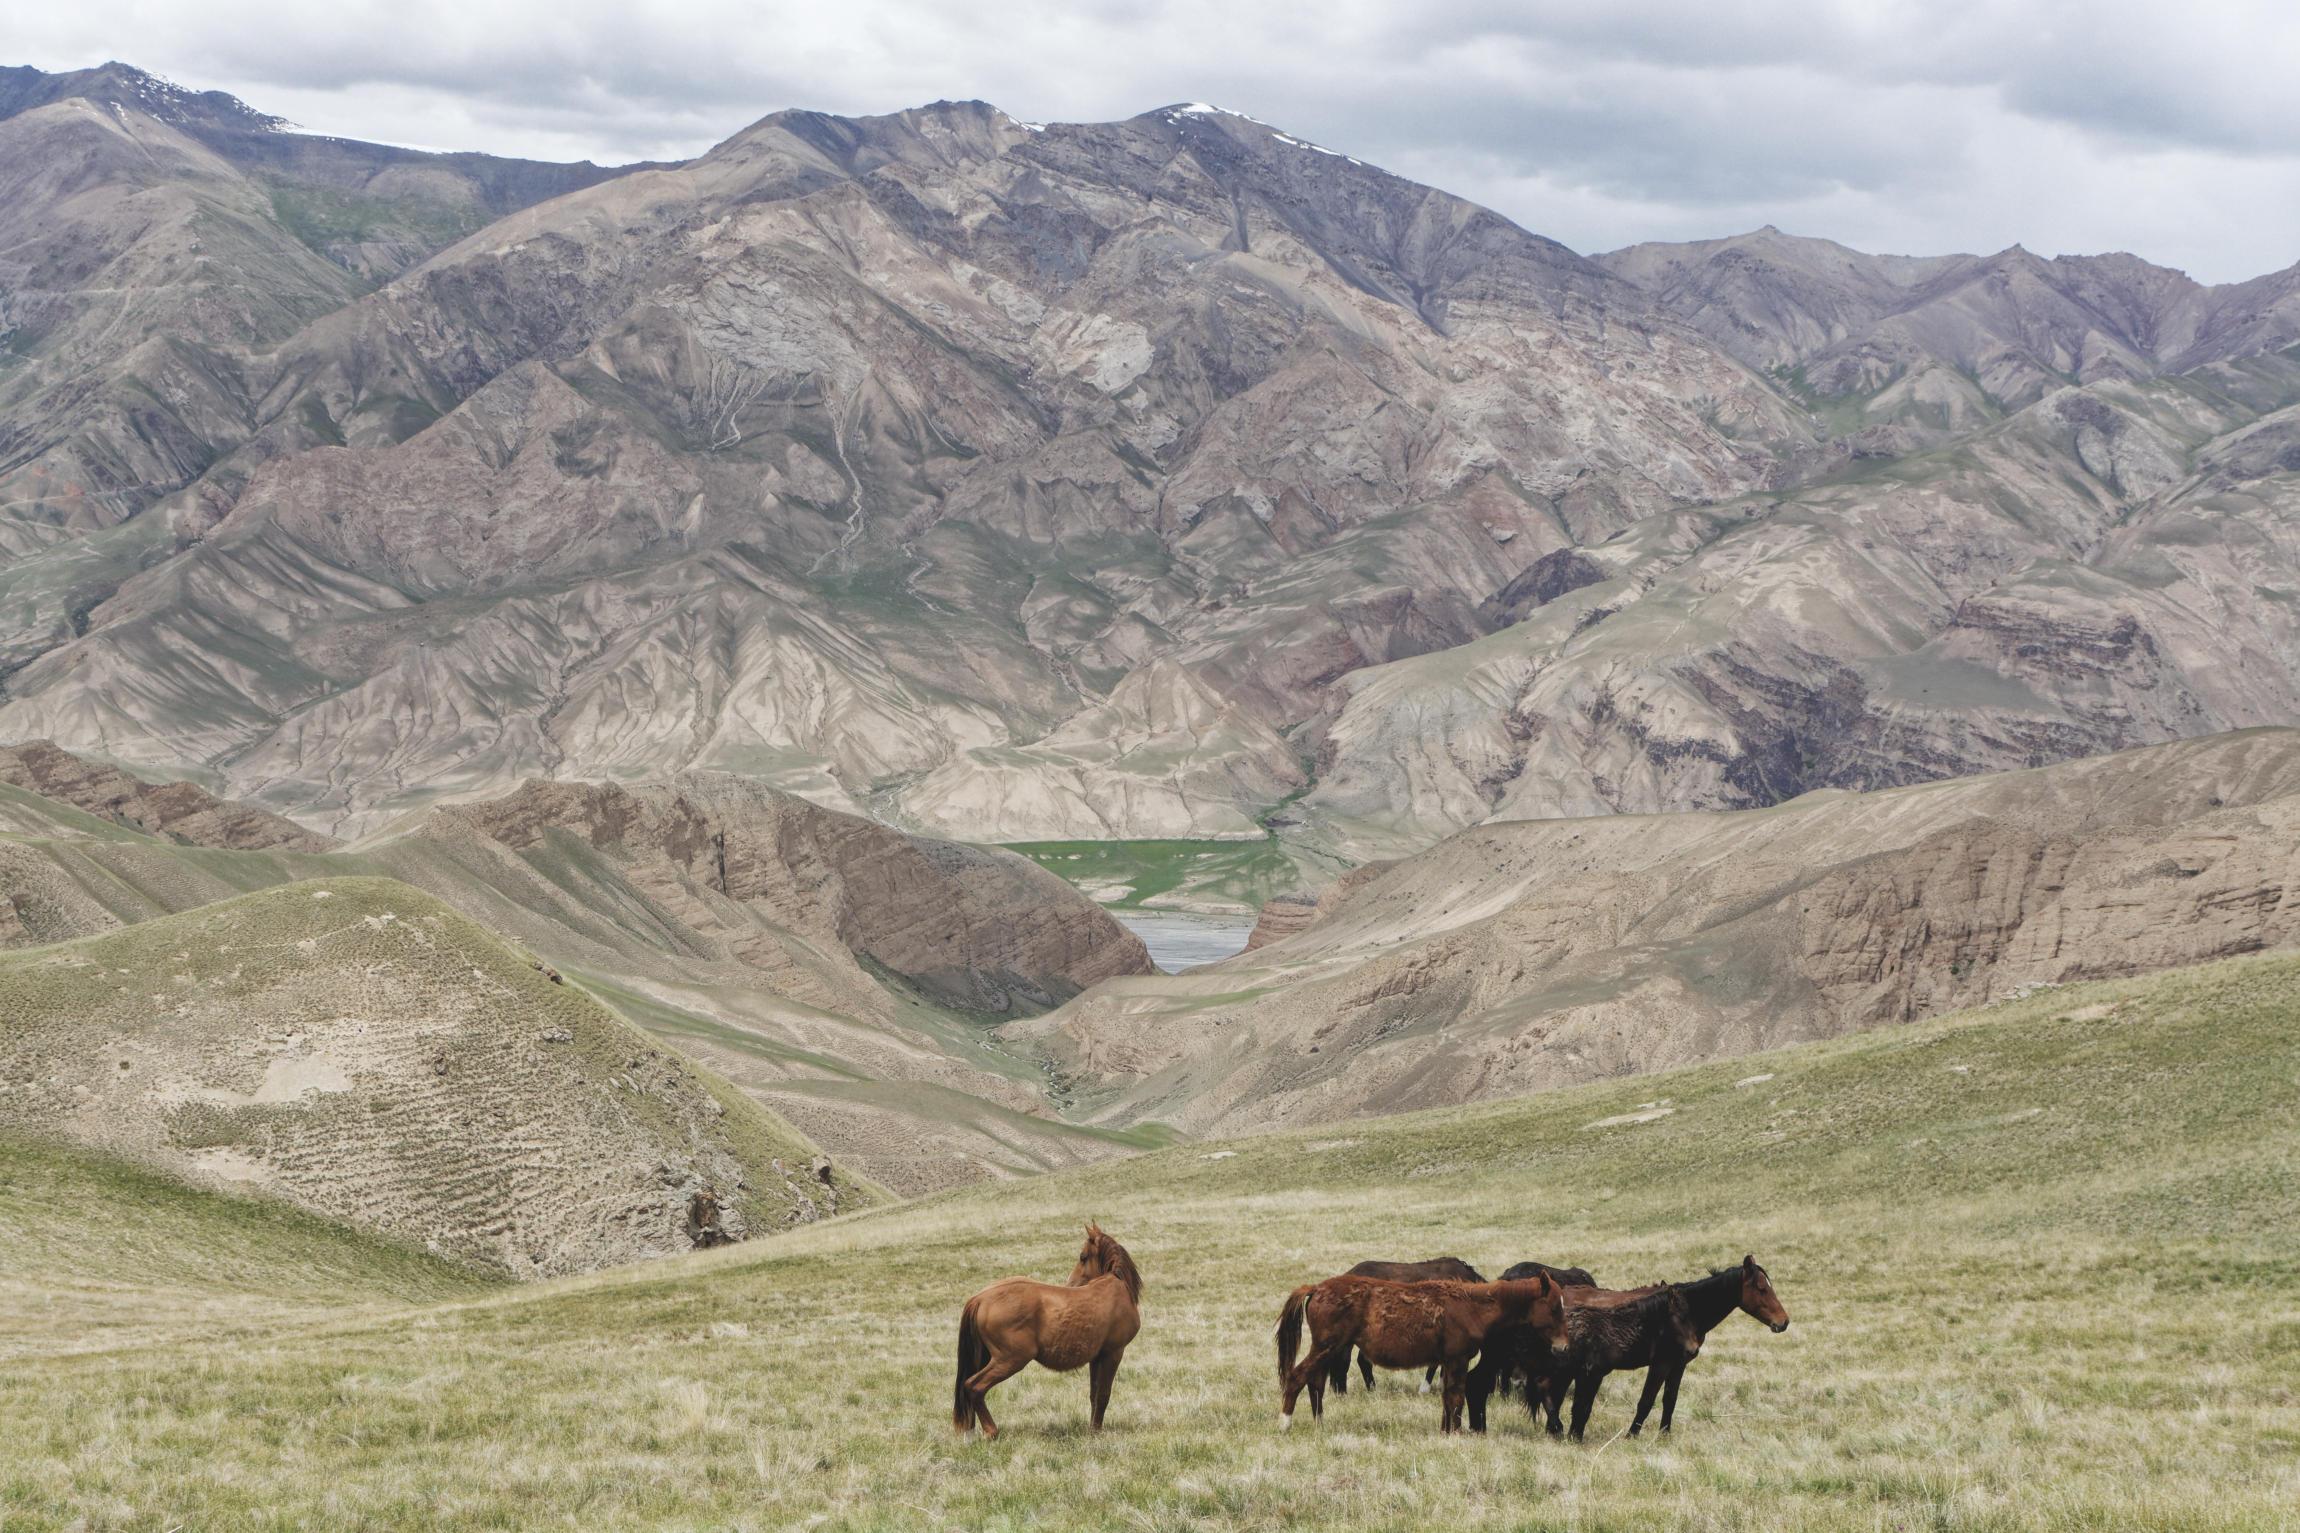 Chevaux sauvages et montagnes vallée de Kaindy Kirghizstan